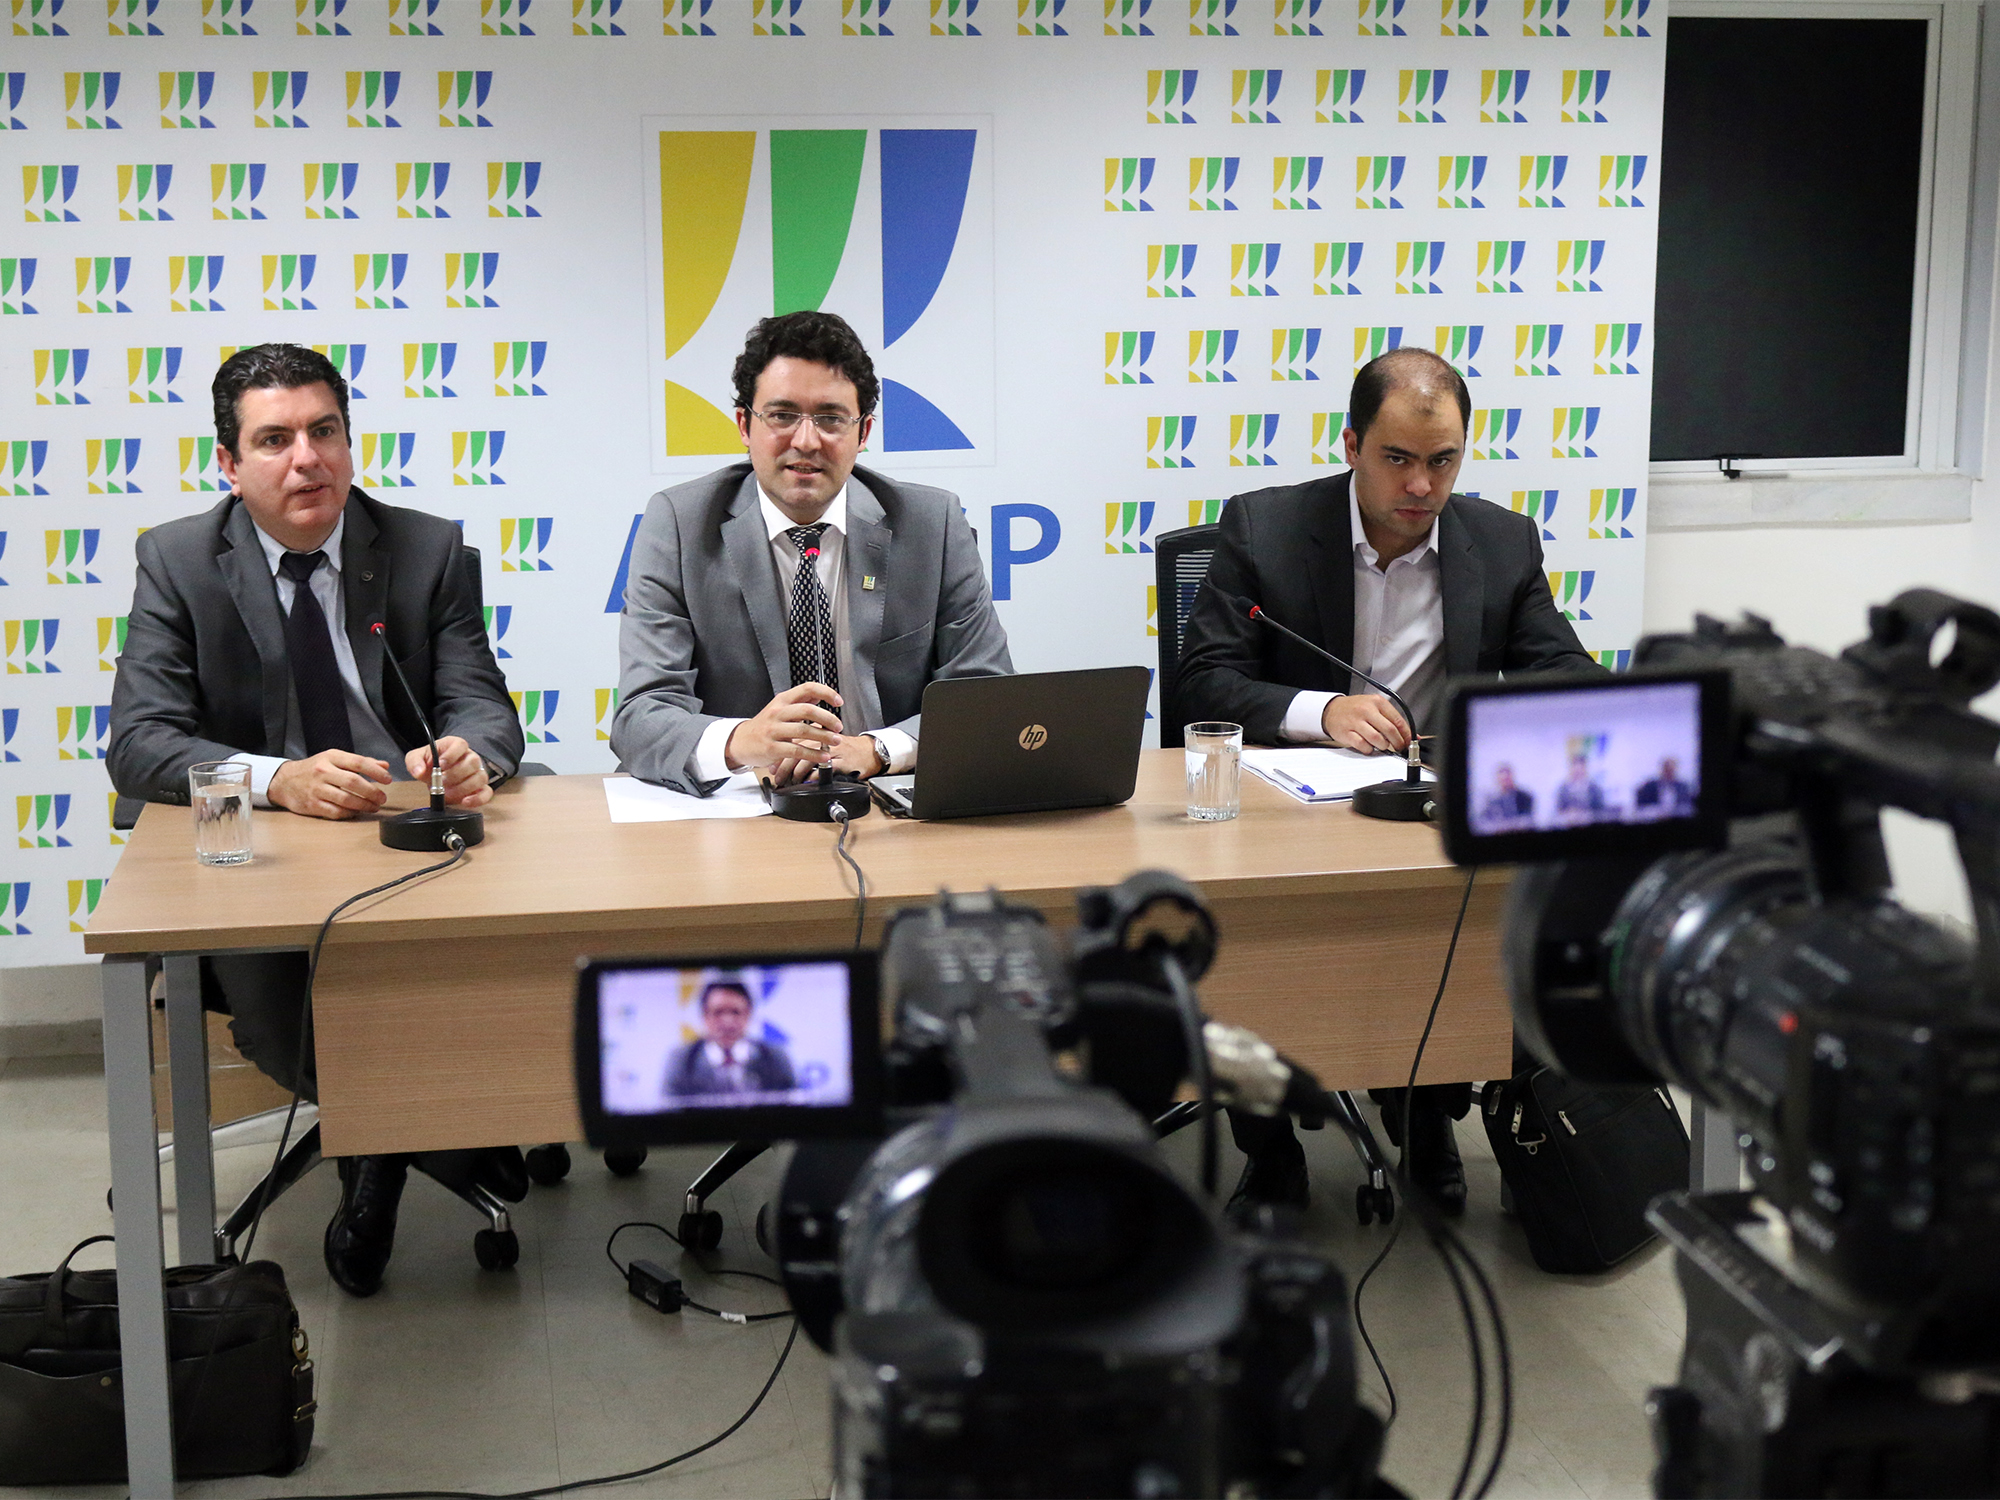 Marlons Arraes, Alex Canuto, e Marcus Eugênio. Fotos: Filipe Calmon / ANESP